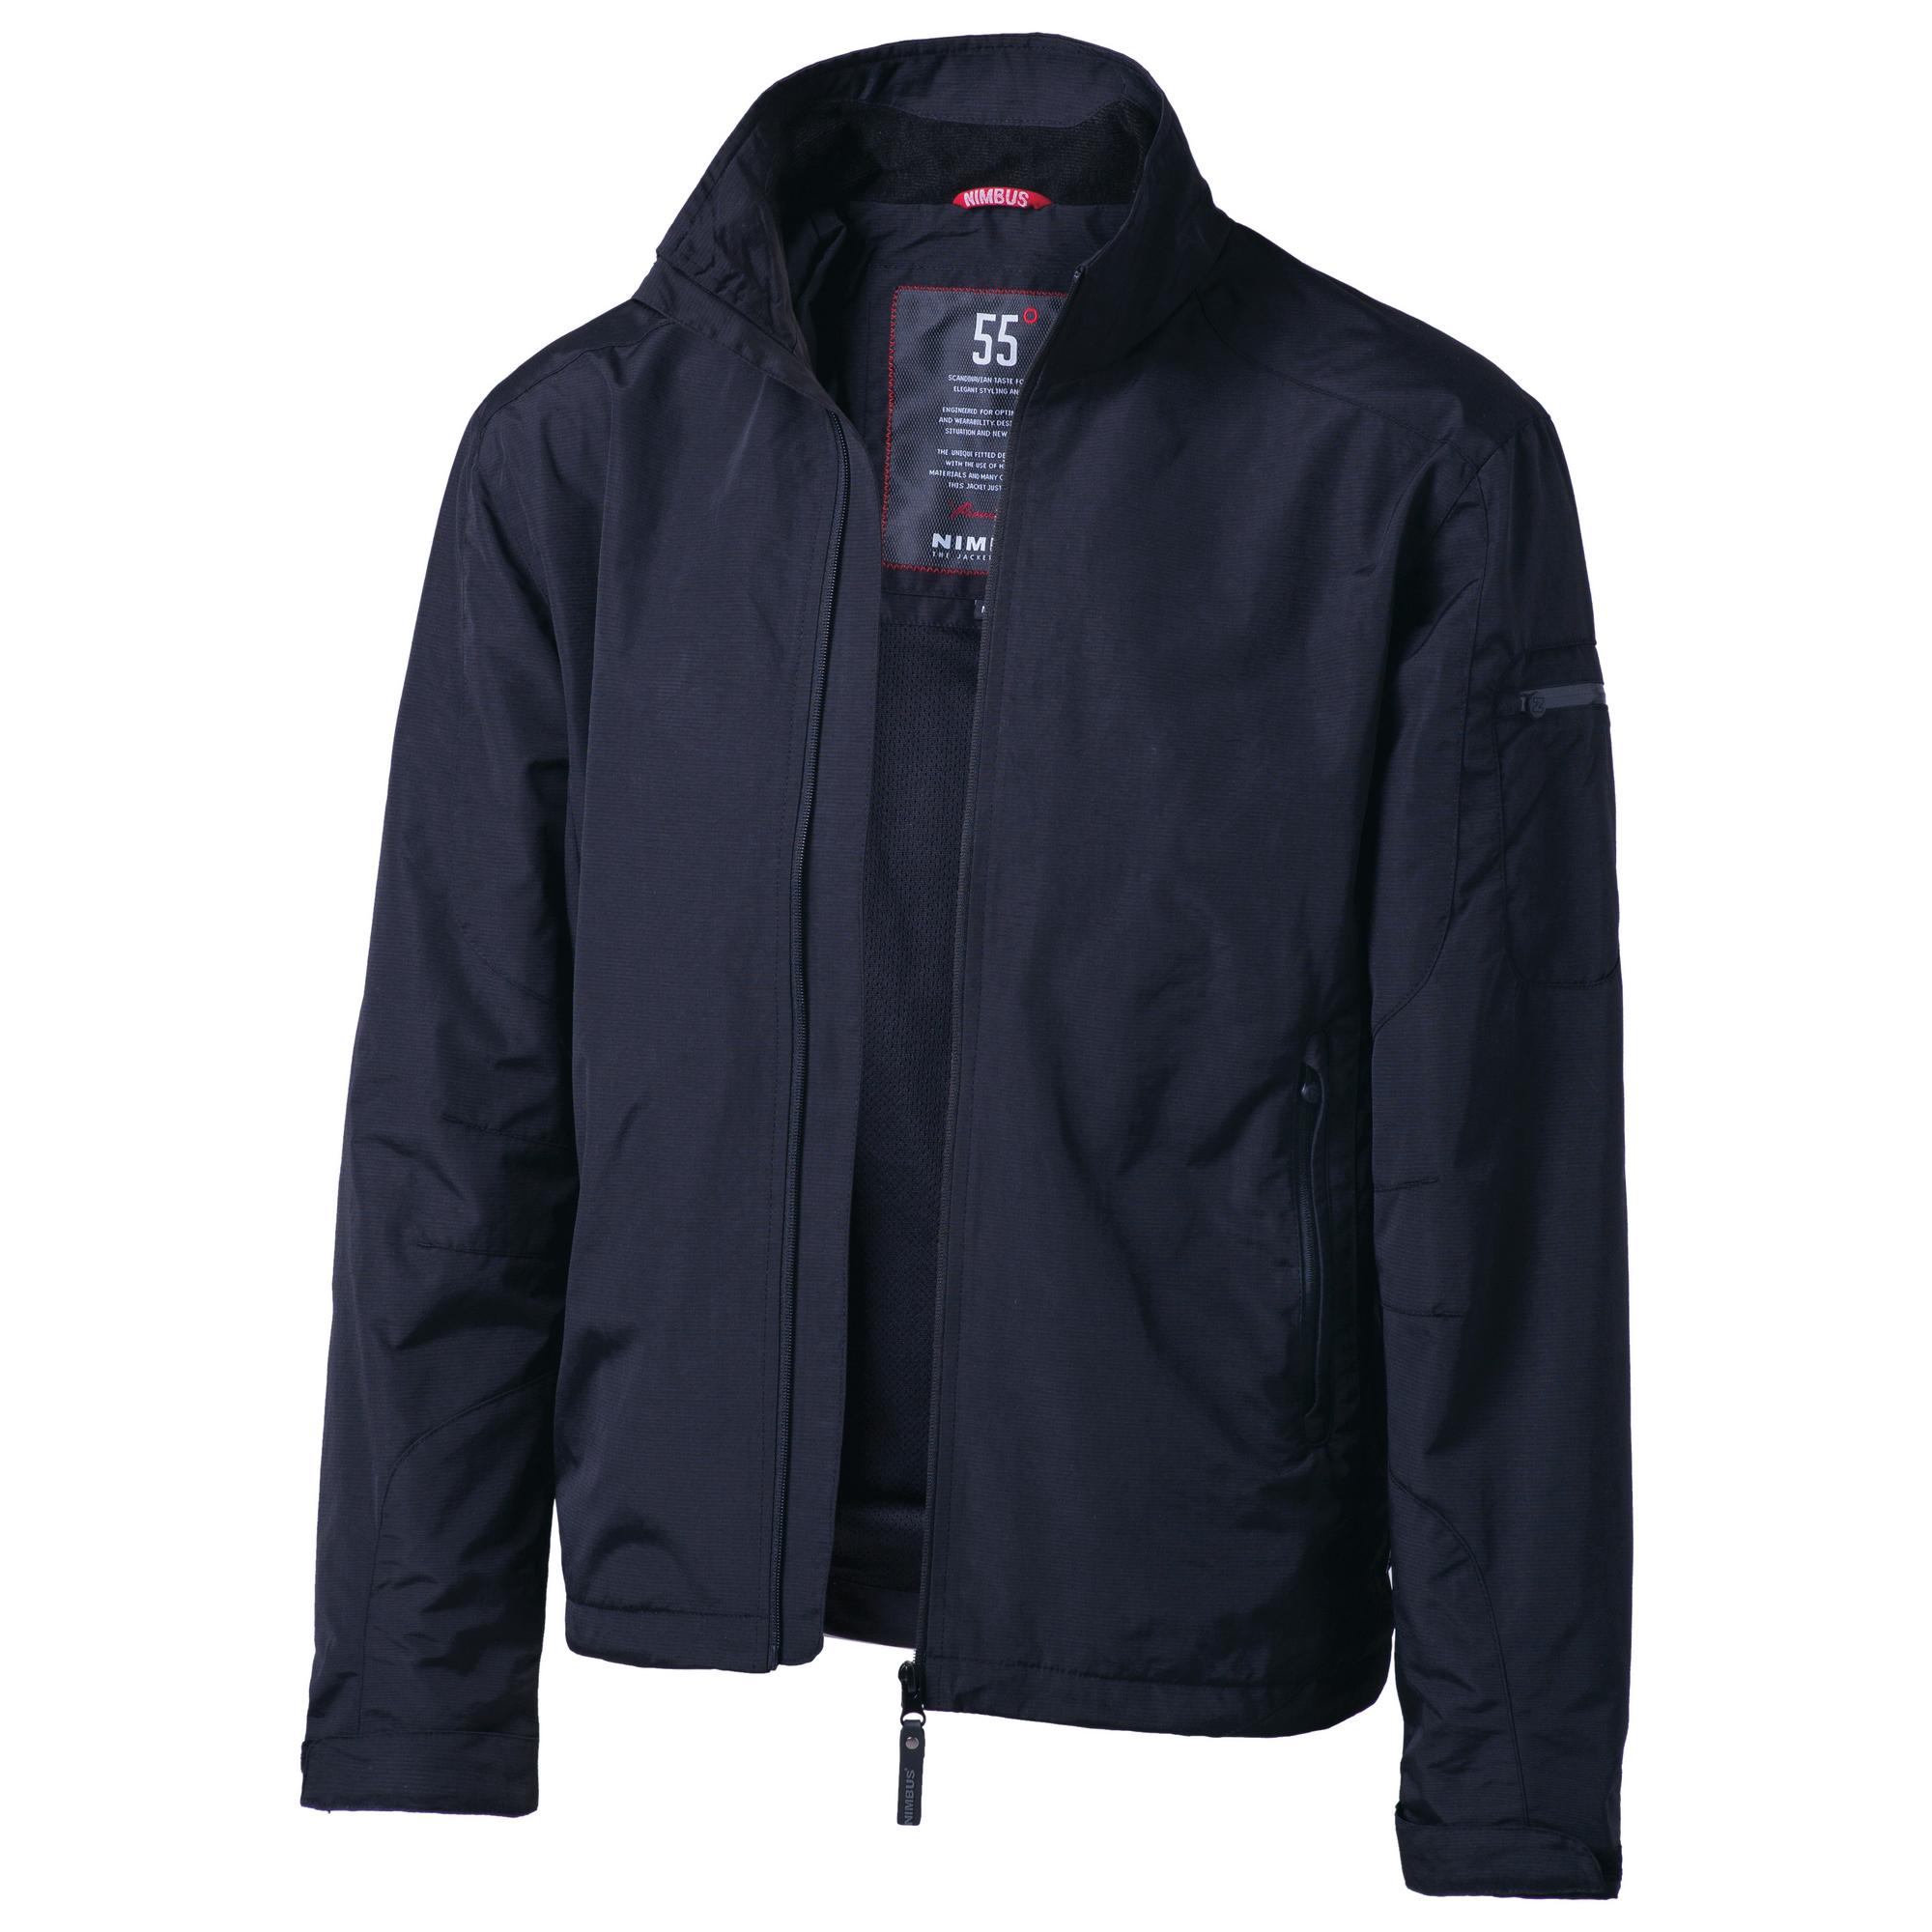 Nimbus Ladies/Womens Windproof Waterproof Providence Jacket (M) (Navy)